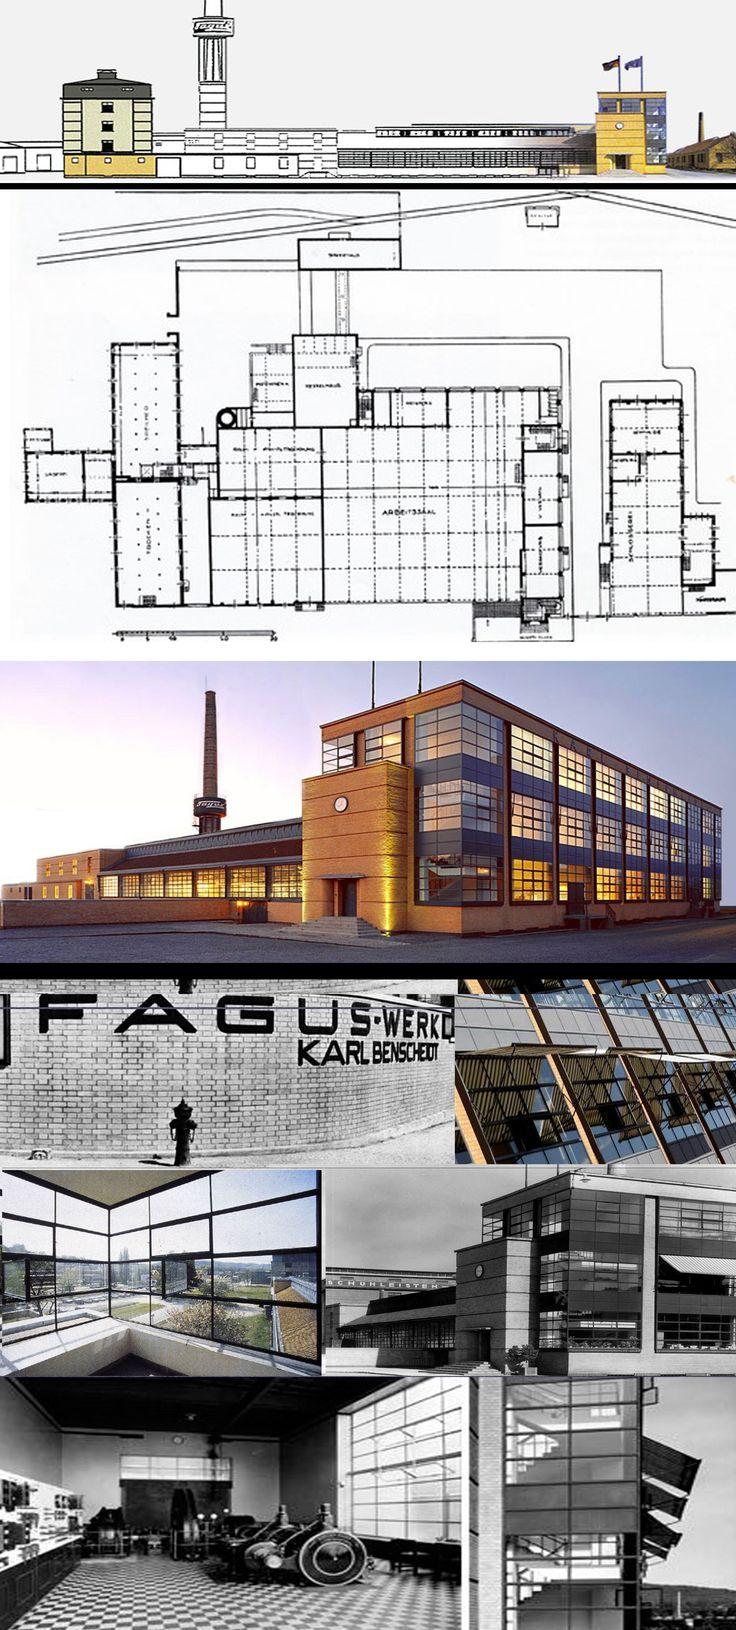 Здание обувной фабрики «Фагус» -  «Fagus-Werke». Альфельд-на-Лайне, 1911 - 13. Арх. В. Гропиус и  А. Майер